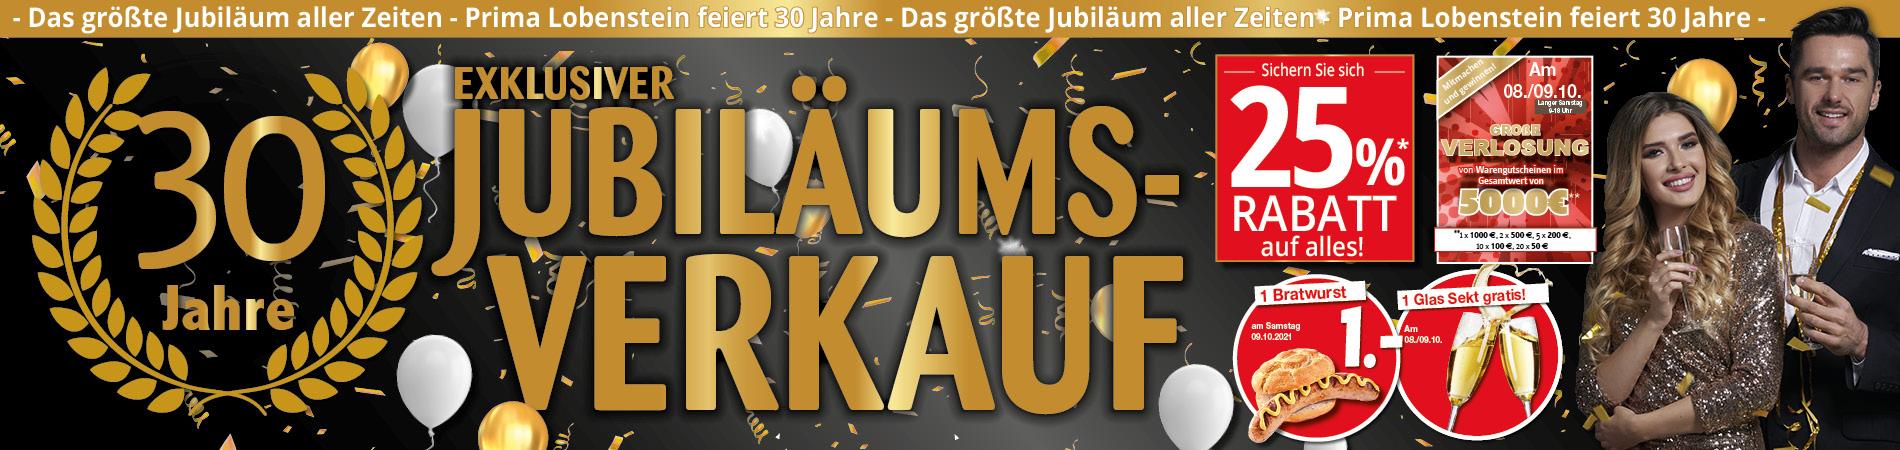 Exklusiver Jubiläums-Verkauf bei prima-Möbel Lobenstein: 25% Rabatt auf Alles!